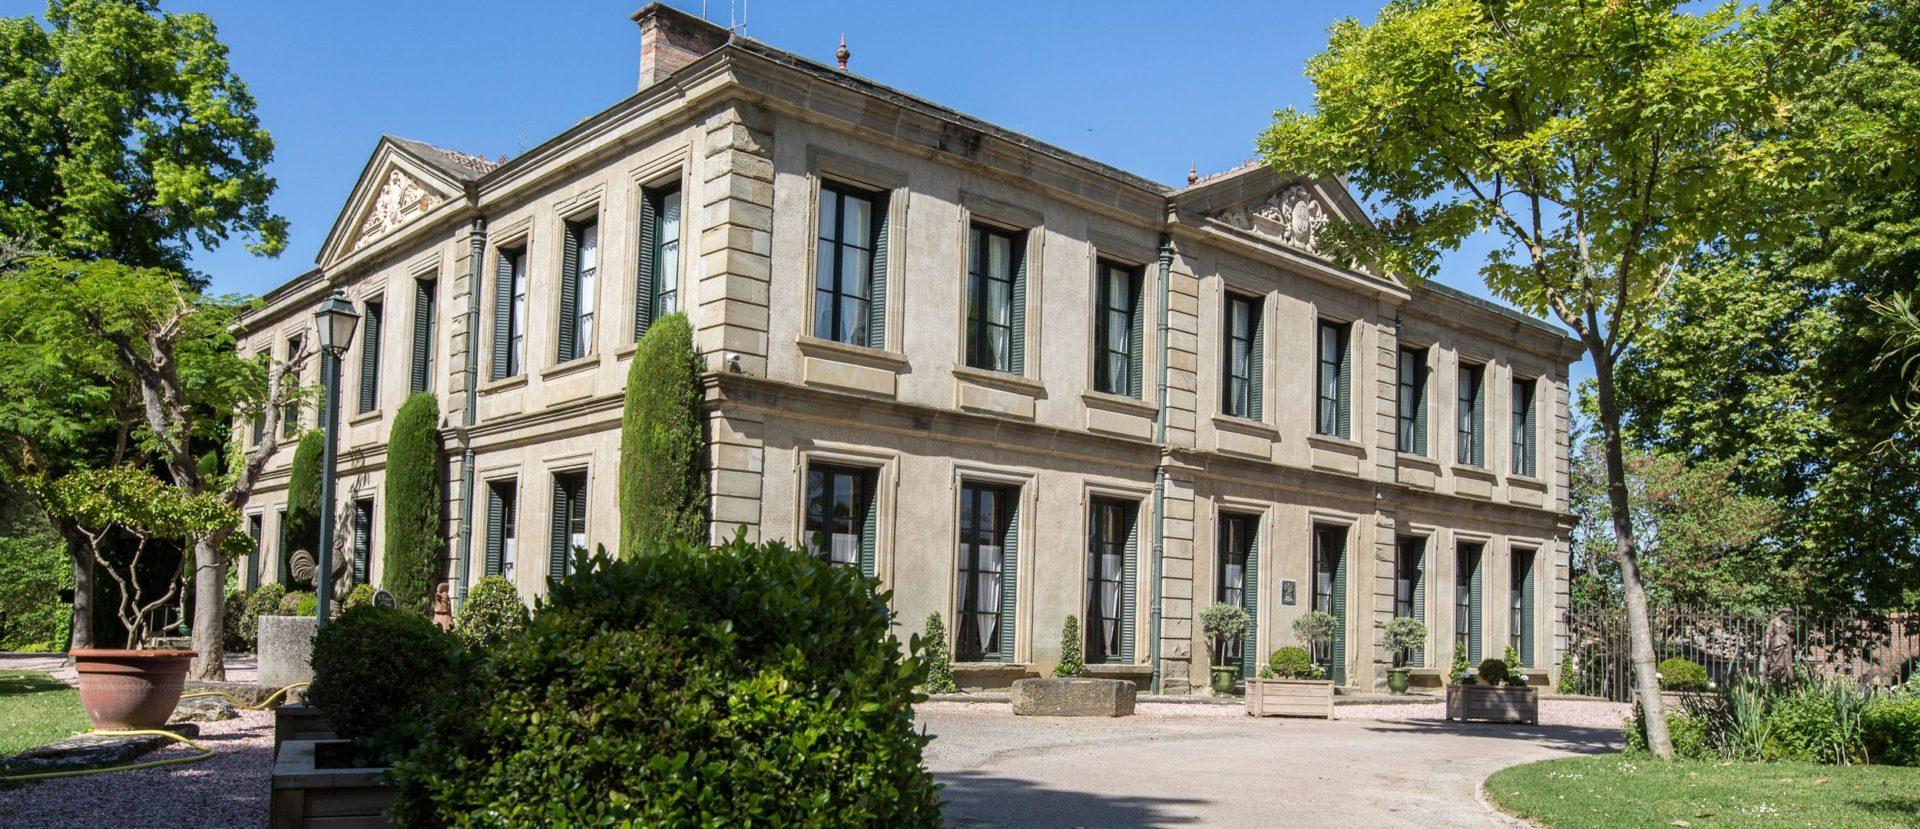 domaine-d-auriac-carcassonne-occitanie-seminaires-de-caractere-facade